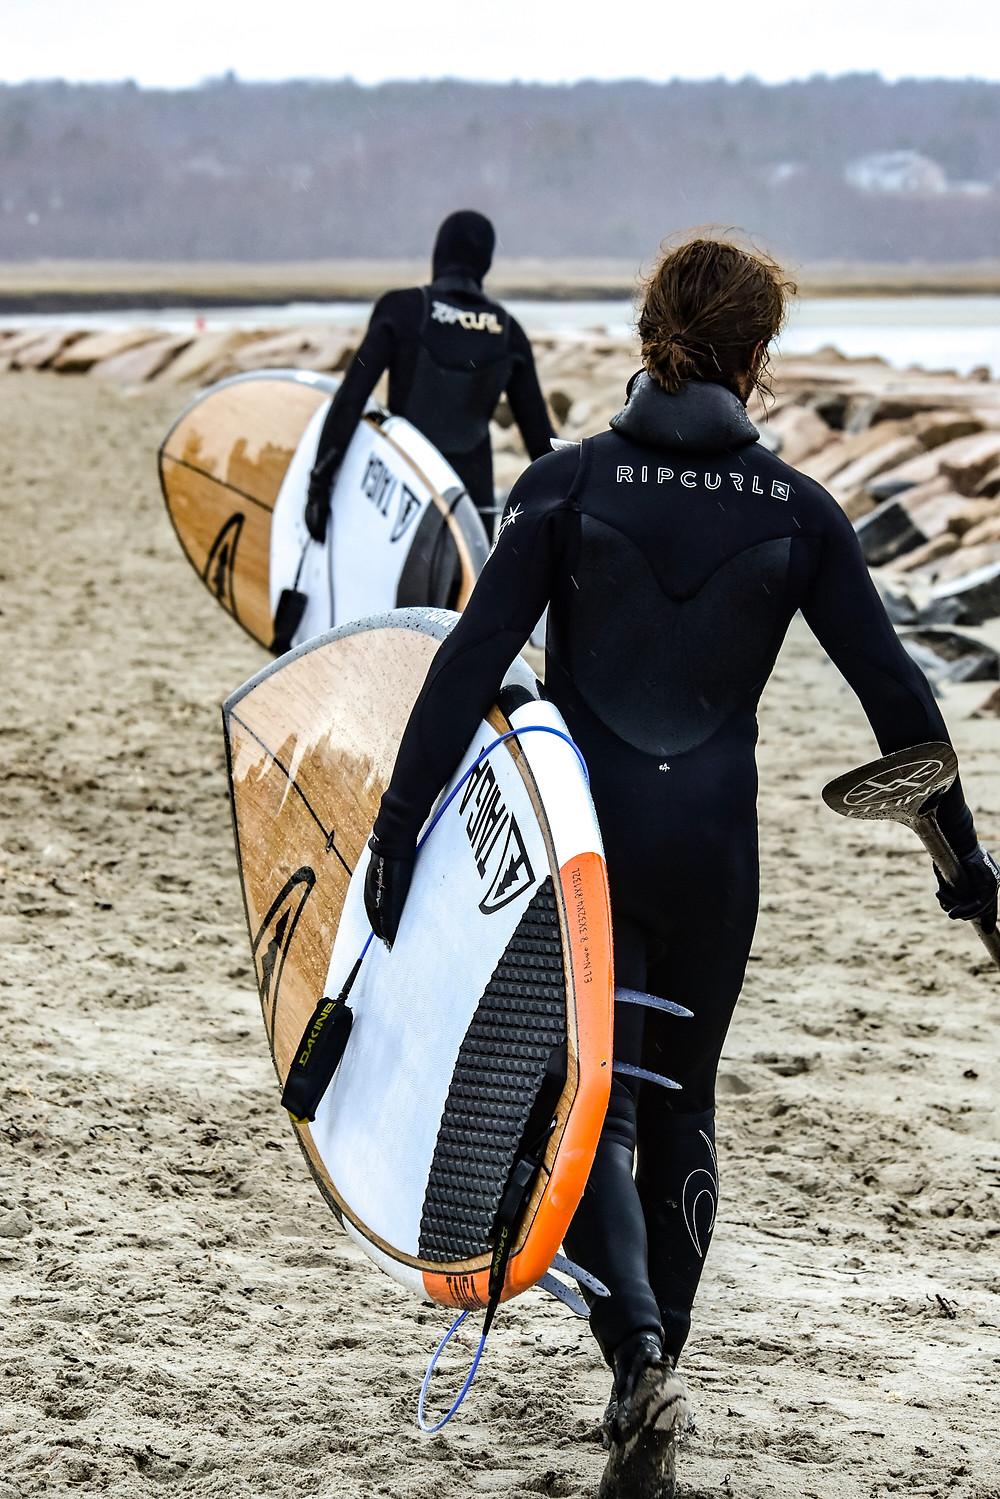 Neoprenanzug zum Surfen